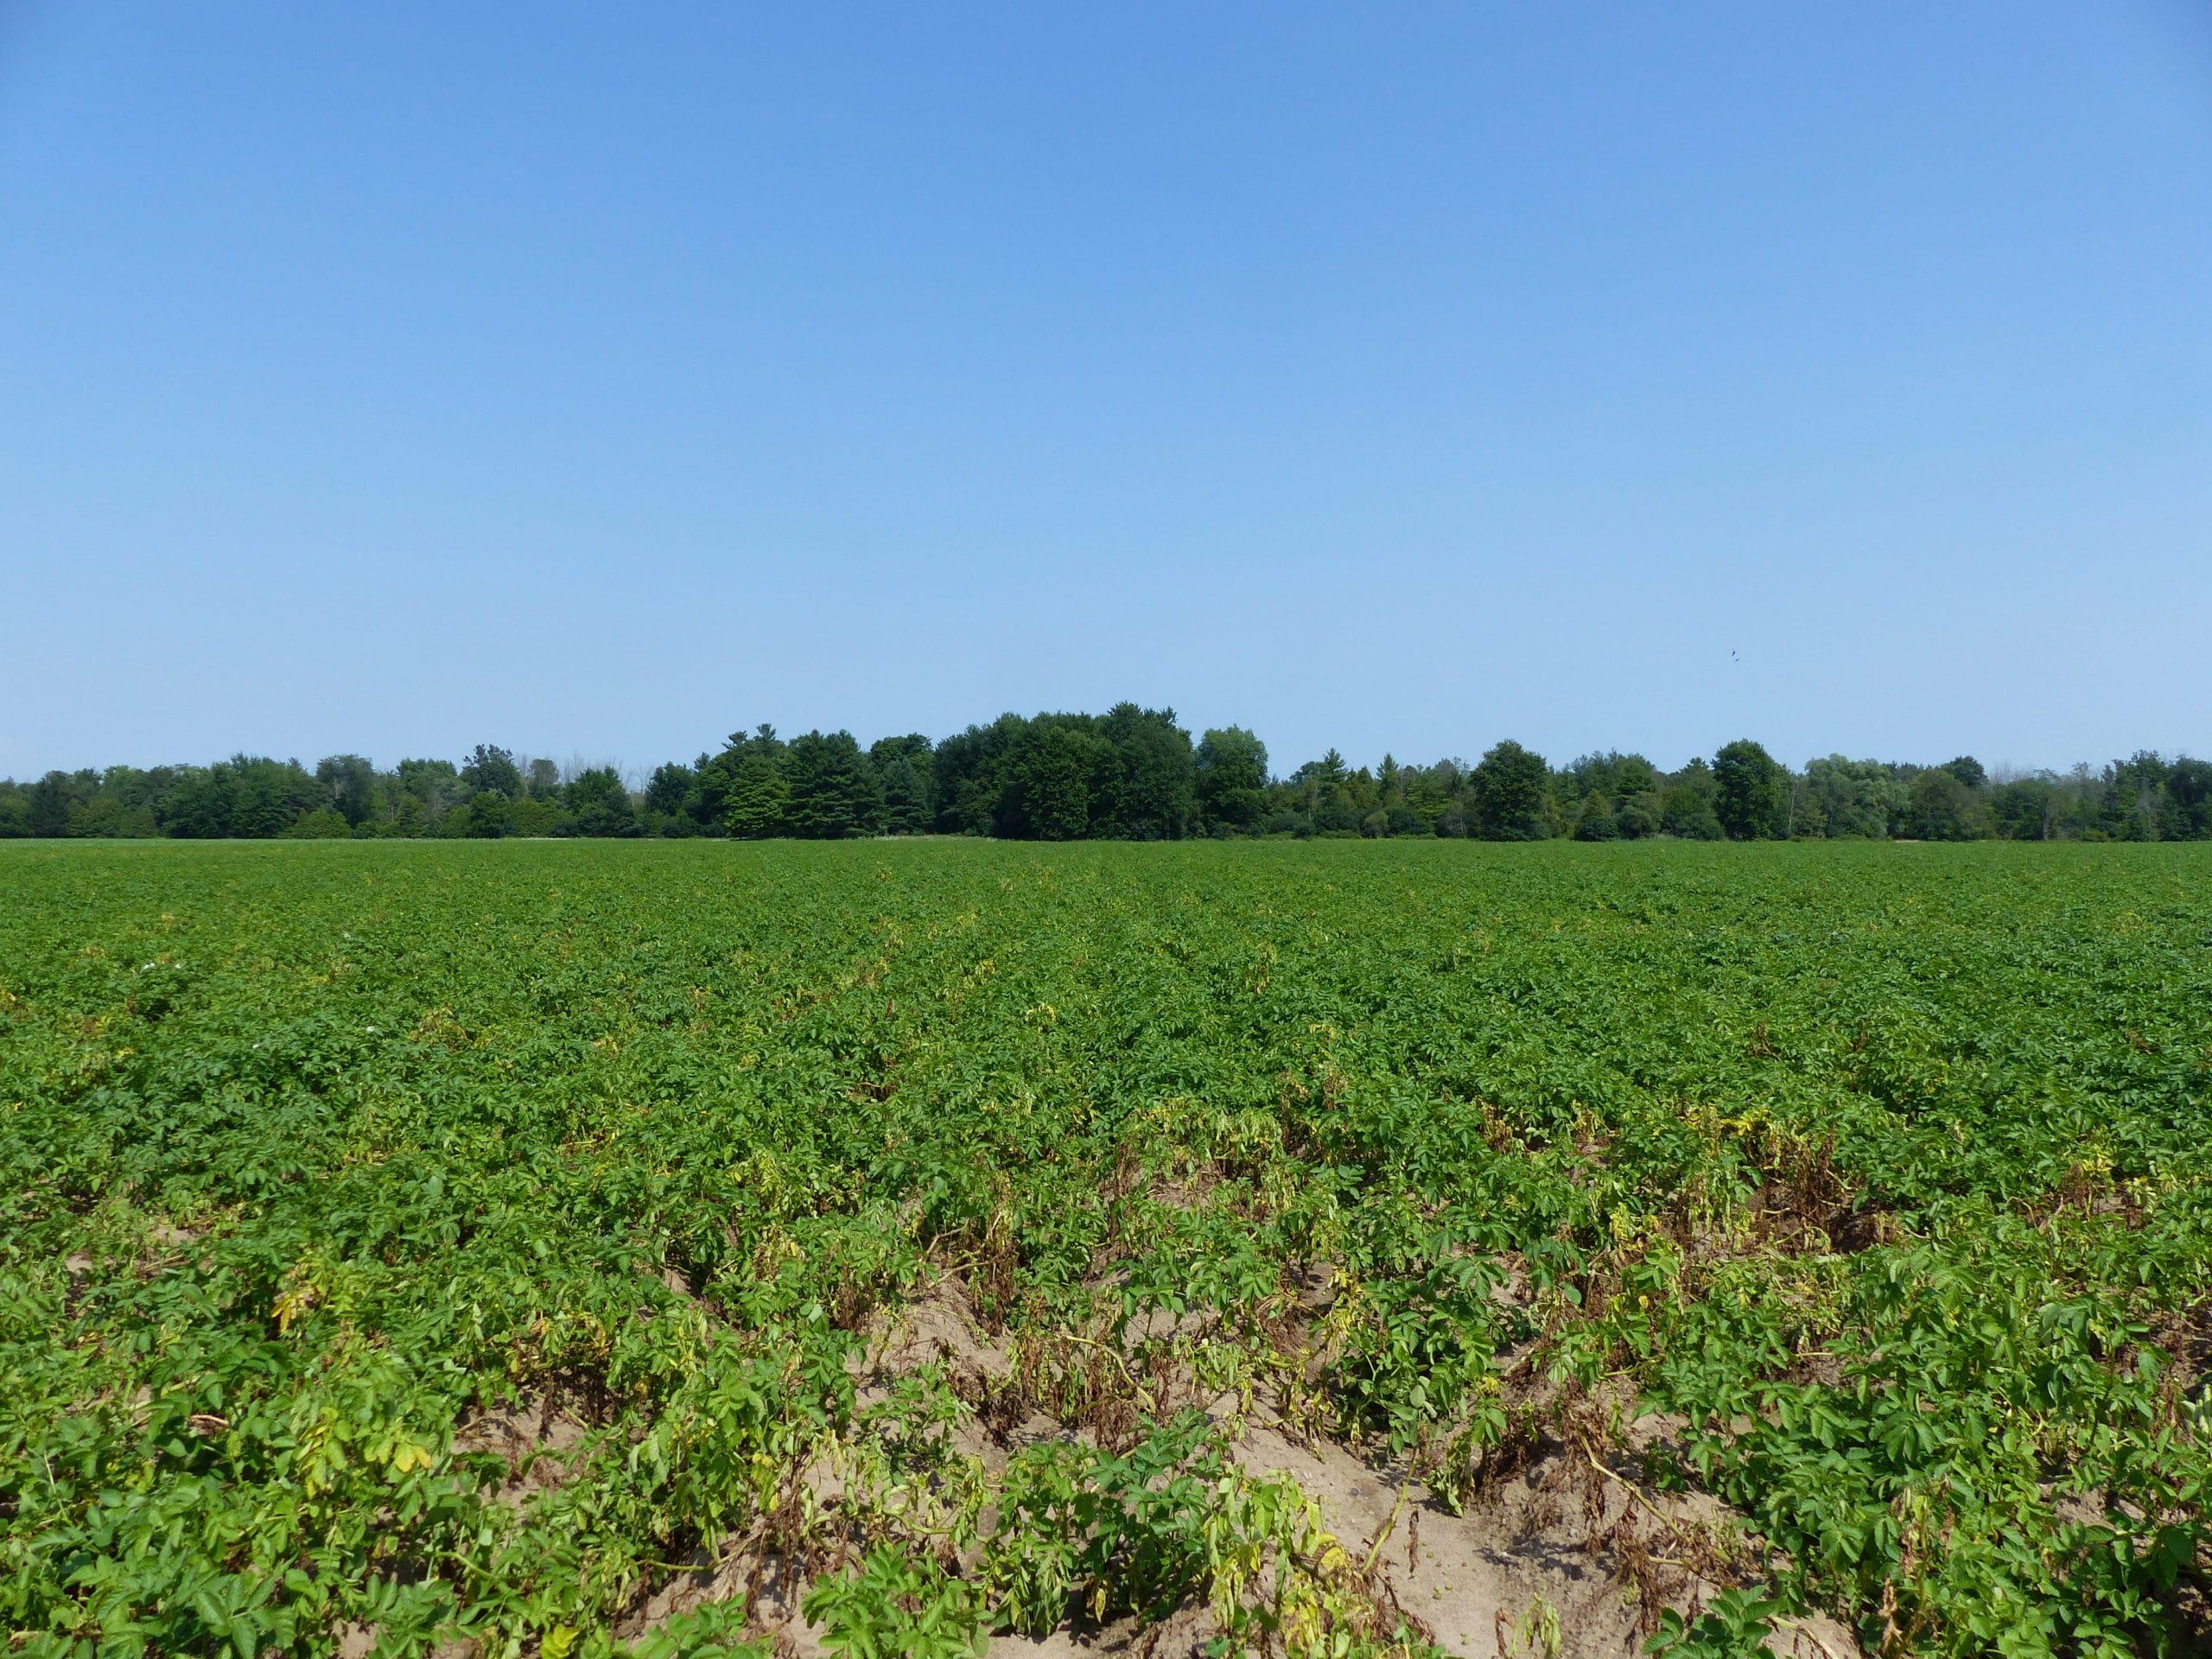 Verticillium wilt potato field